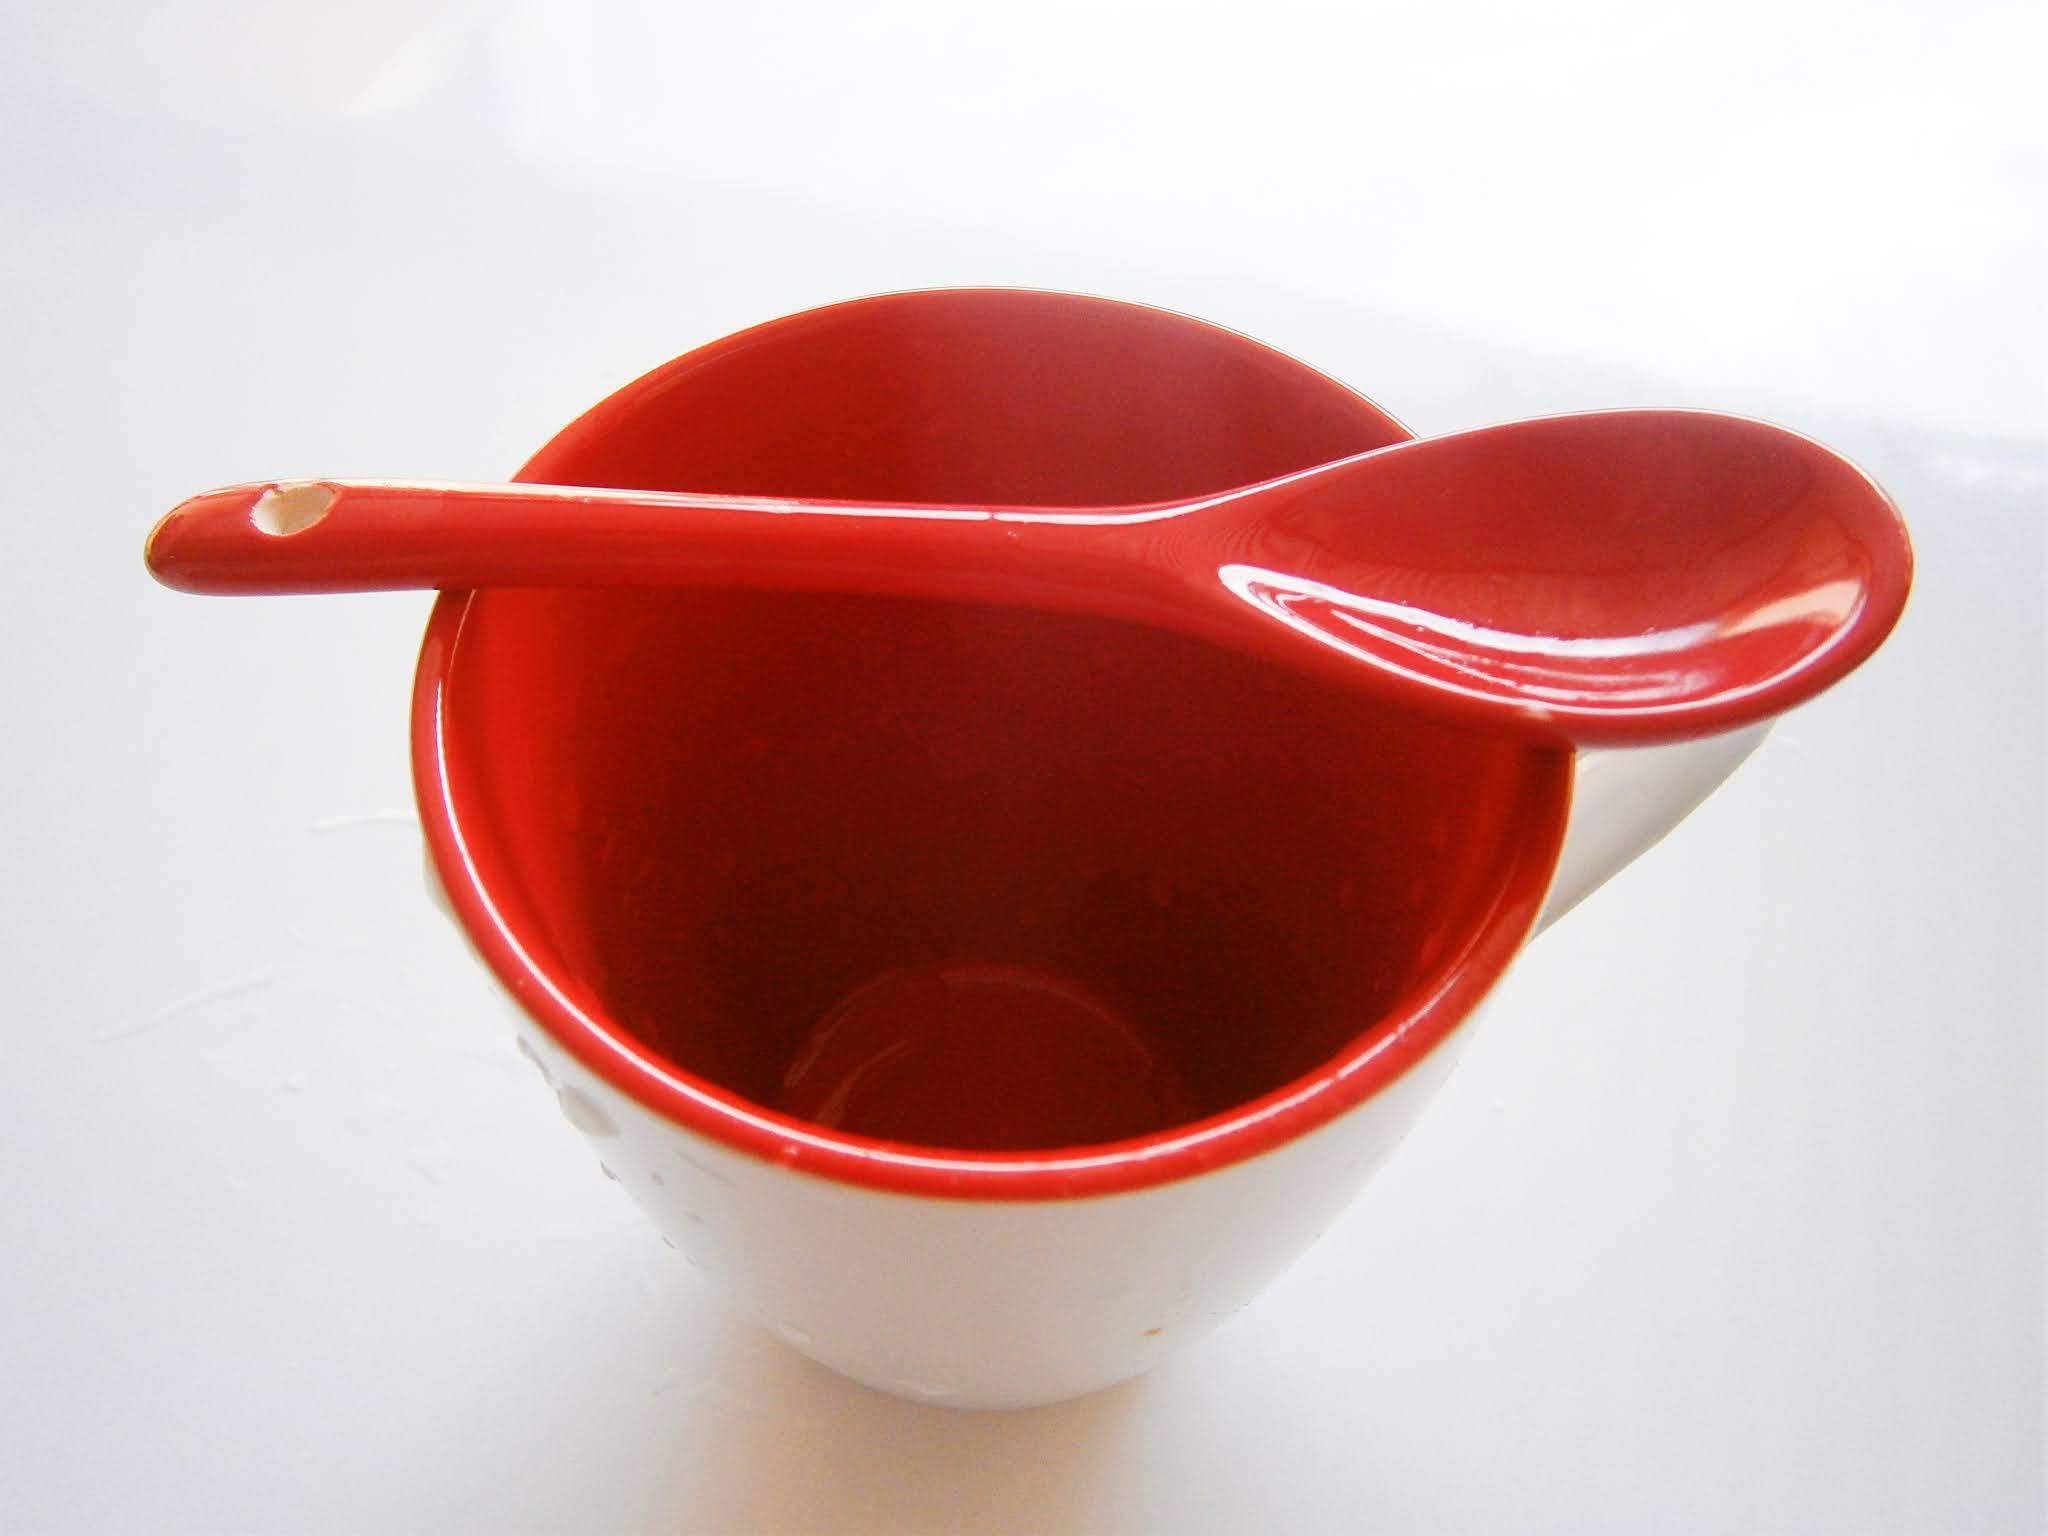 Descripción de la fotografía. Taza decorativa de color rojo que sirve para fiestas o eventos sociales. Taza de color roja para celebrar la navidad y puesta sobre un fondo de color blanco.